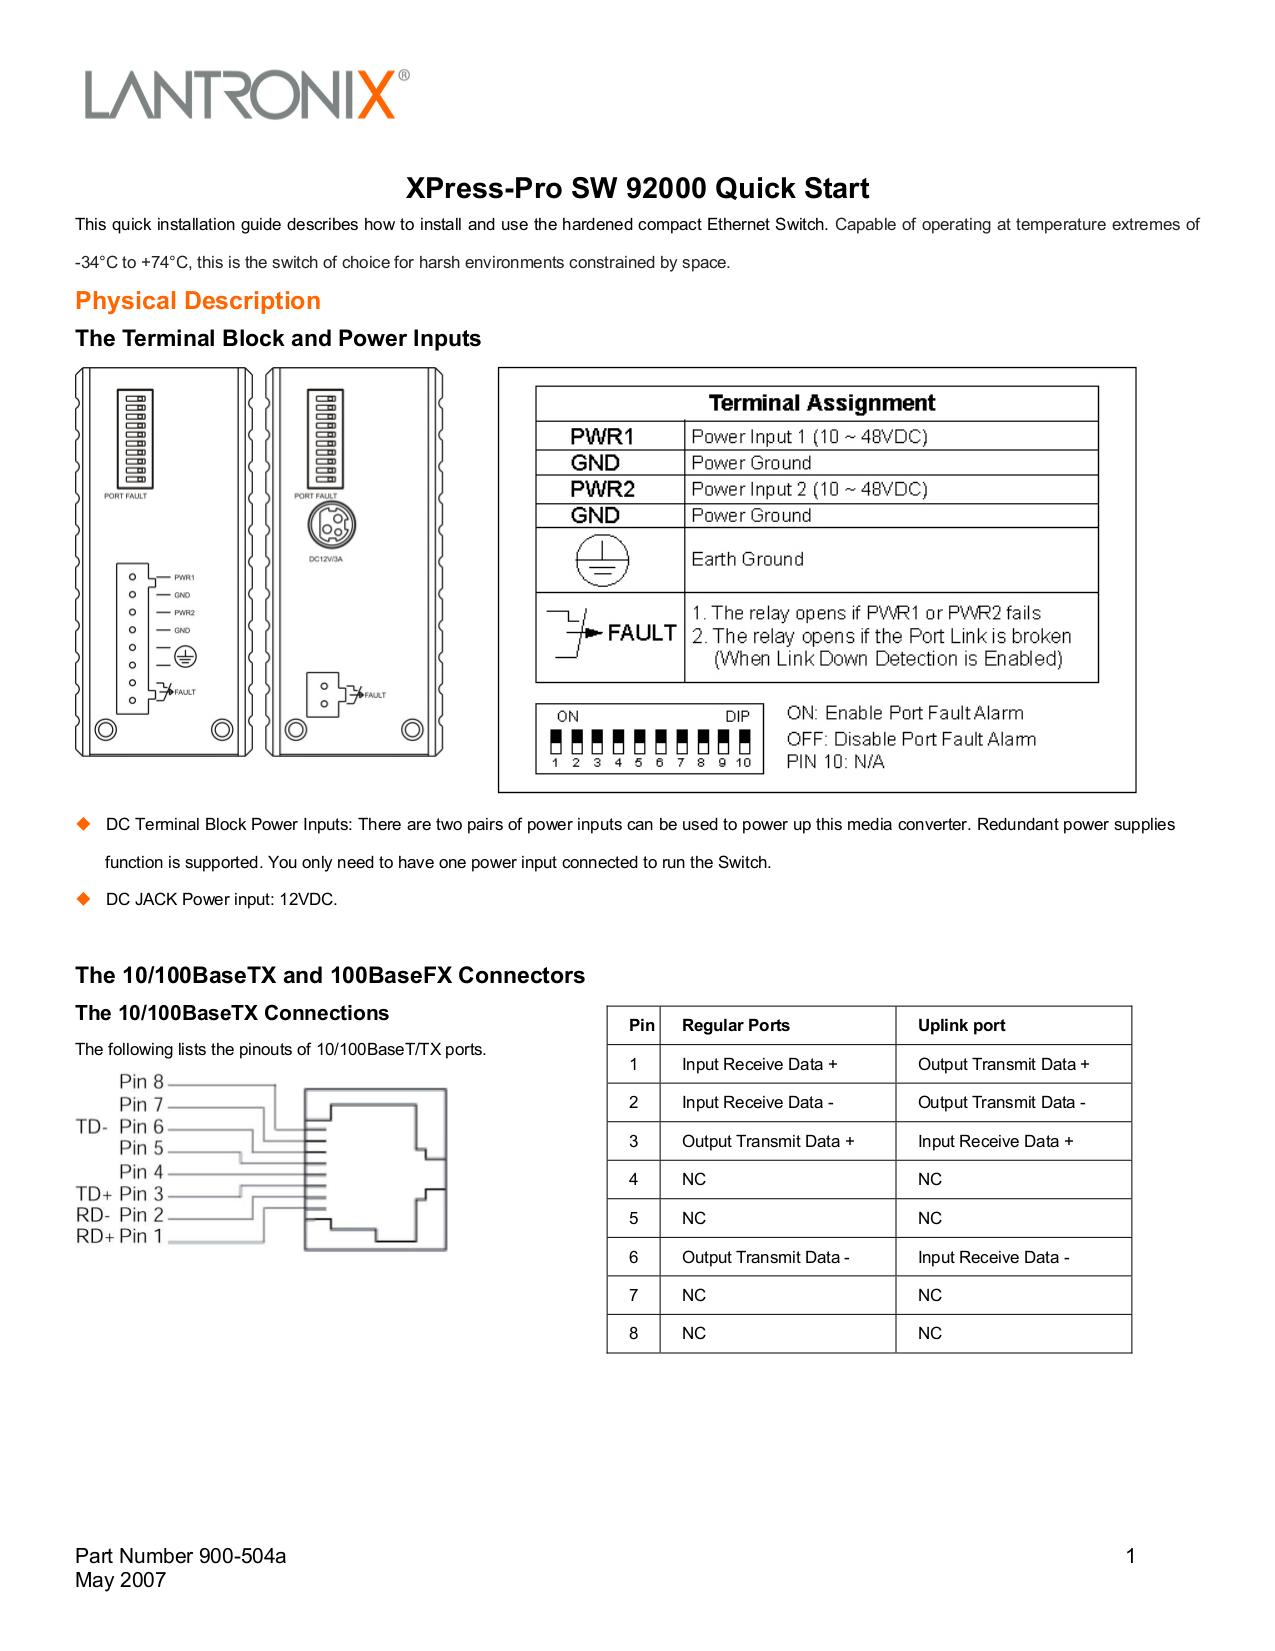 pdf for Lantronix Switch Xpress-Pro SW 92000 manual